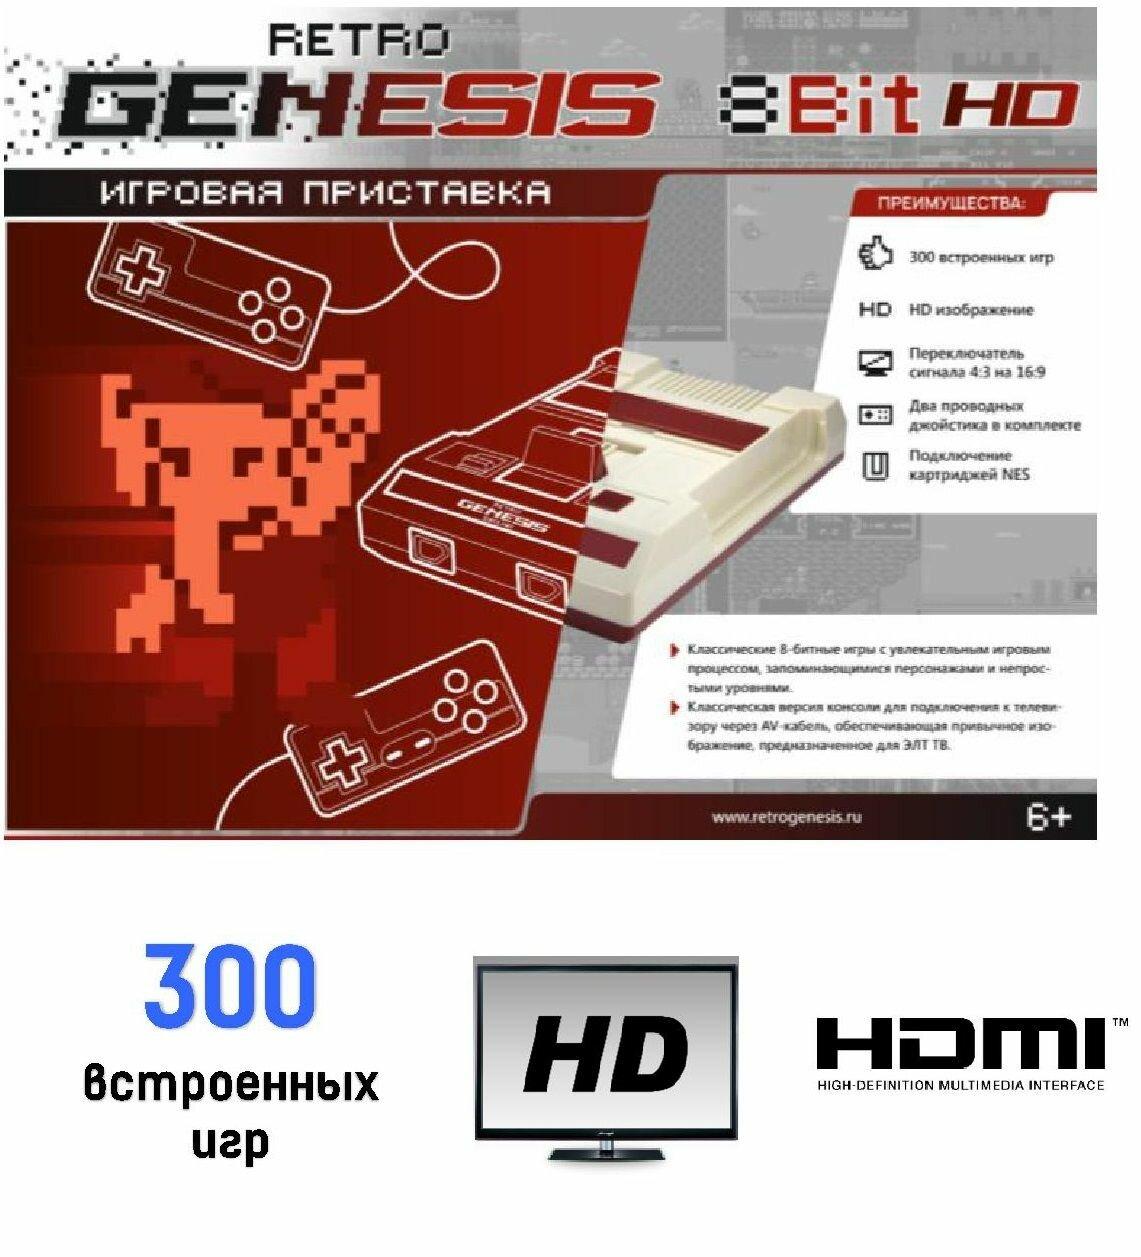 Игровая приставка 8 bit Retro Genesis HD (300 в 1) + 300 встроенных игр + 2 геймпада + HDMI кабель (Серая) 8 bit, Денди (Dendy)